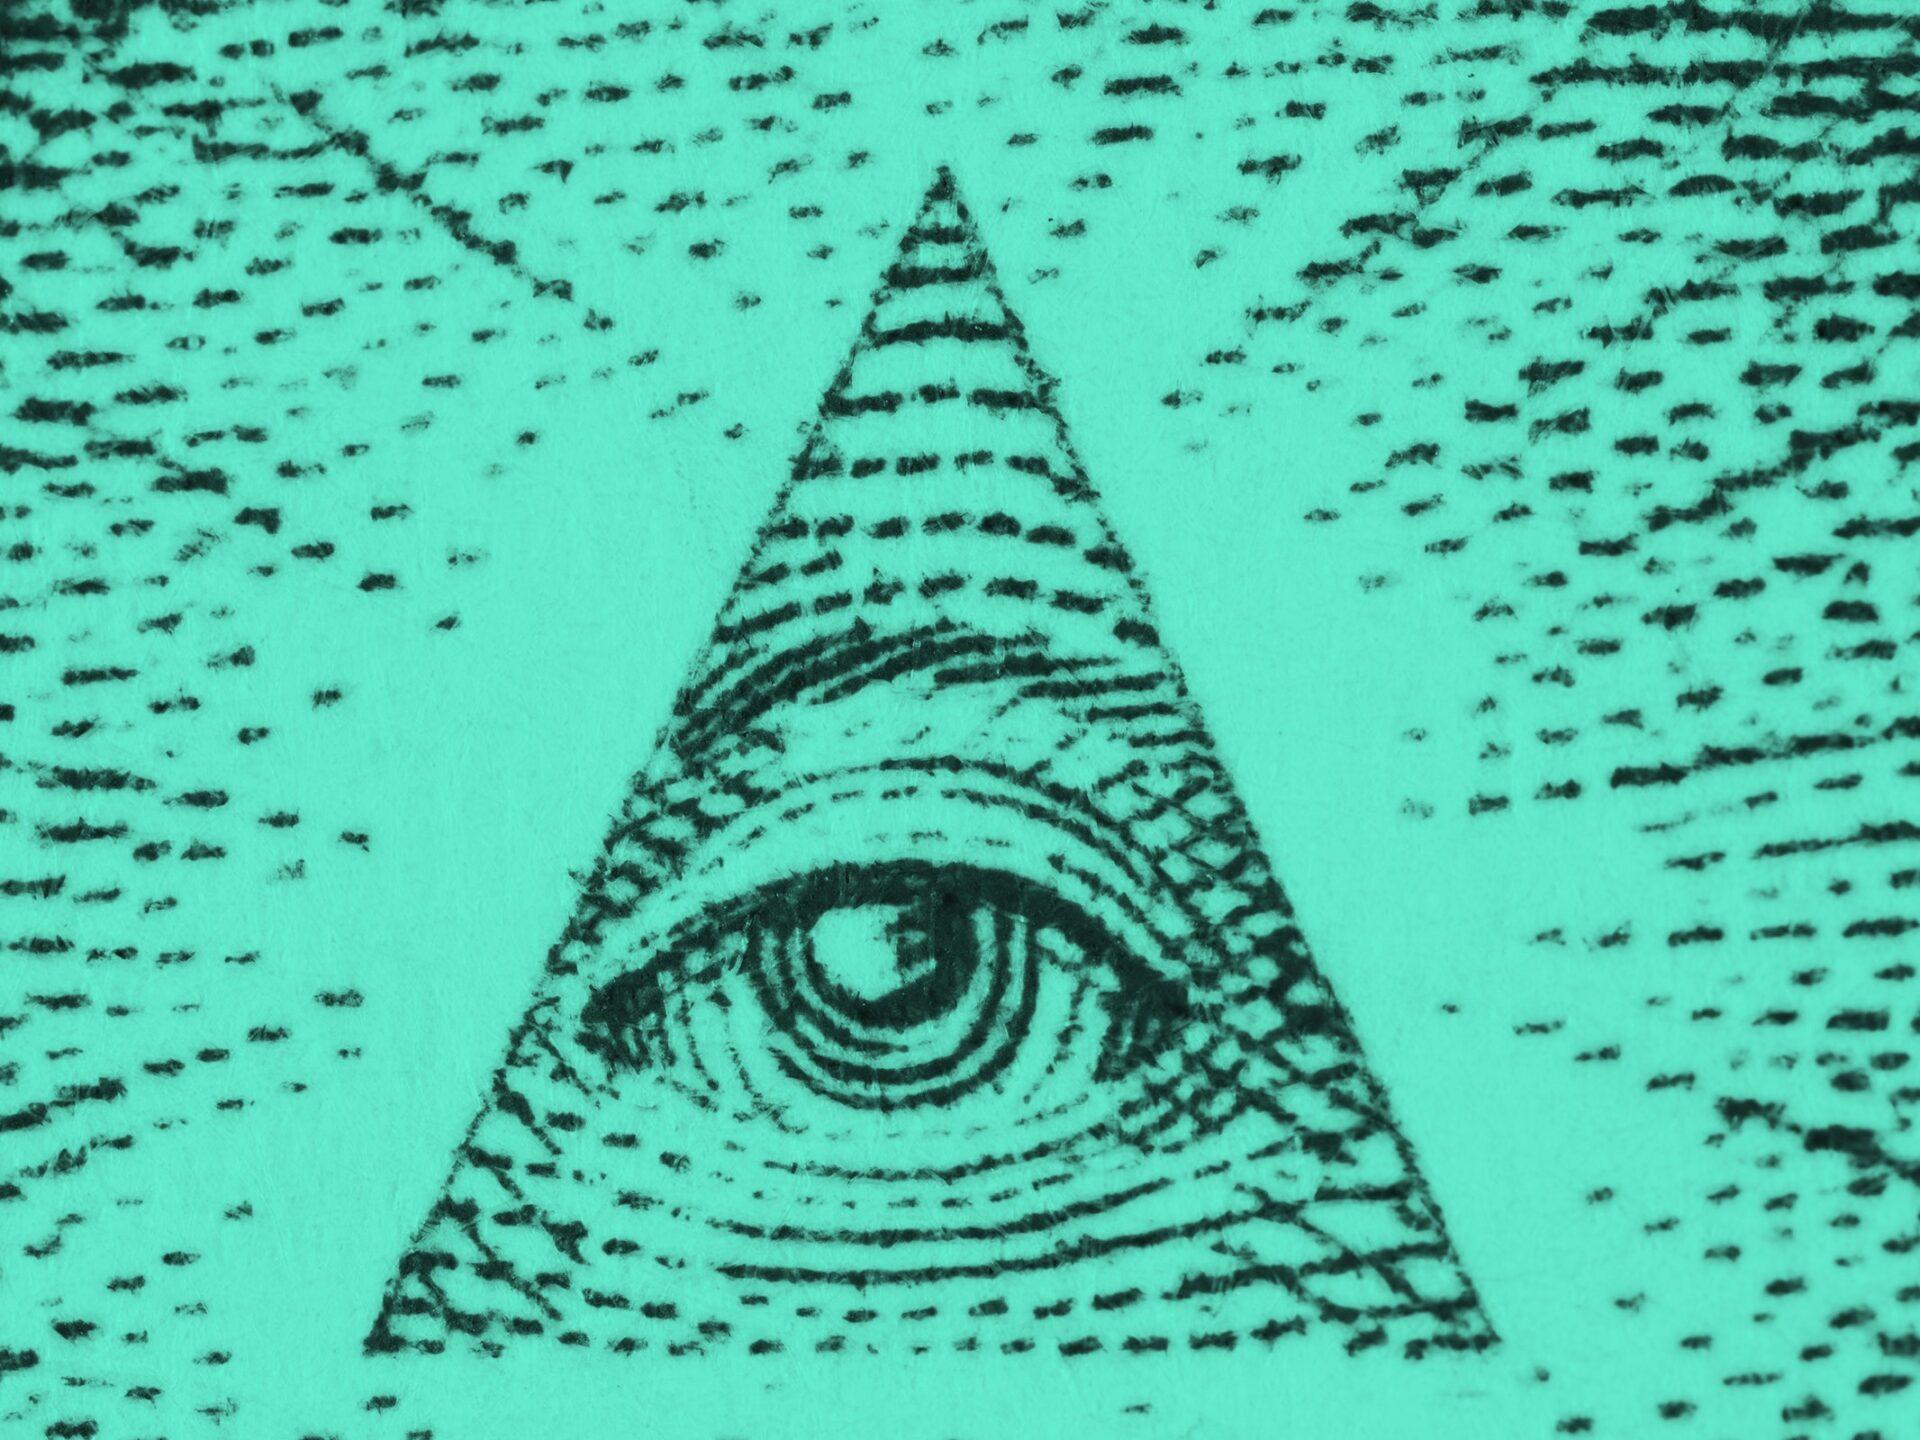 Ideas-Conspiracy-175417397